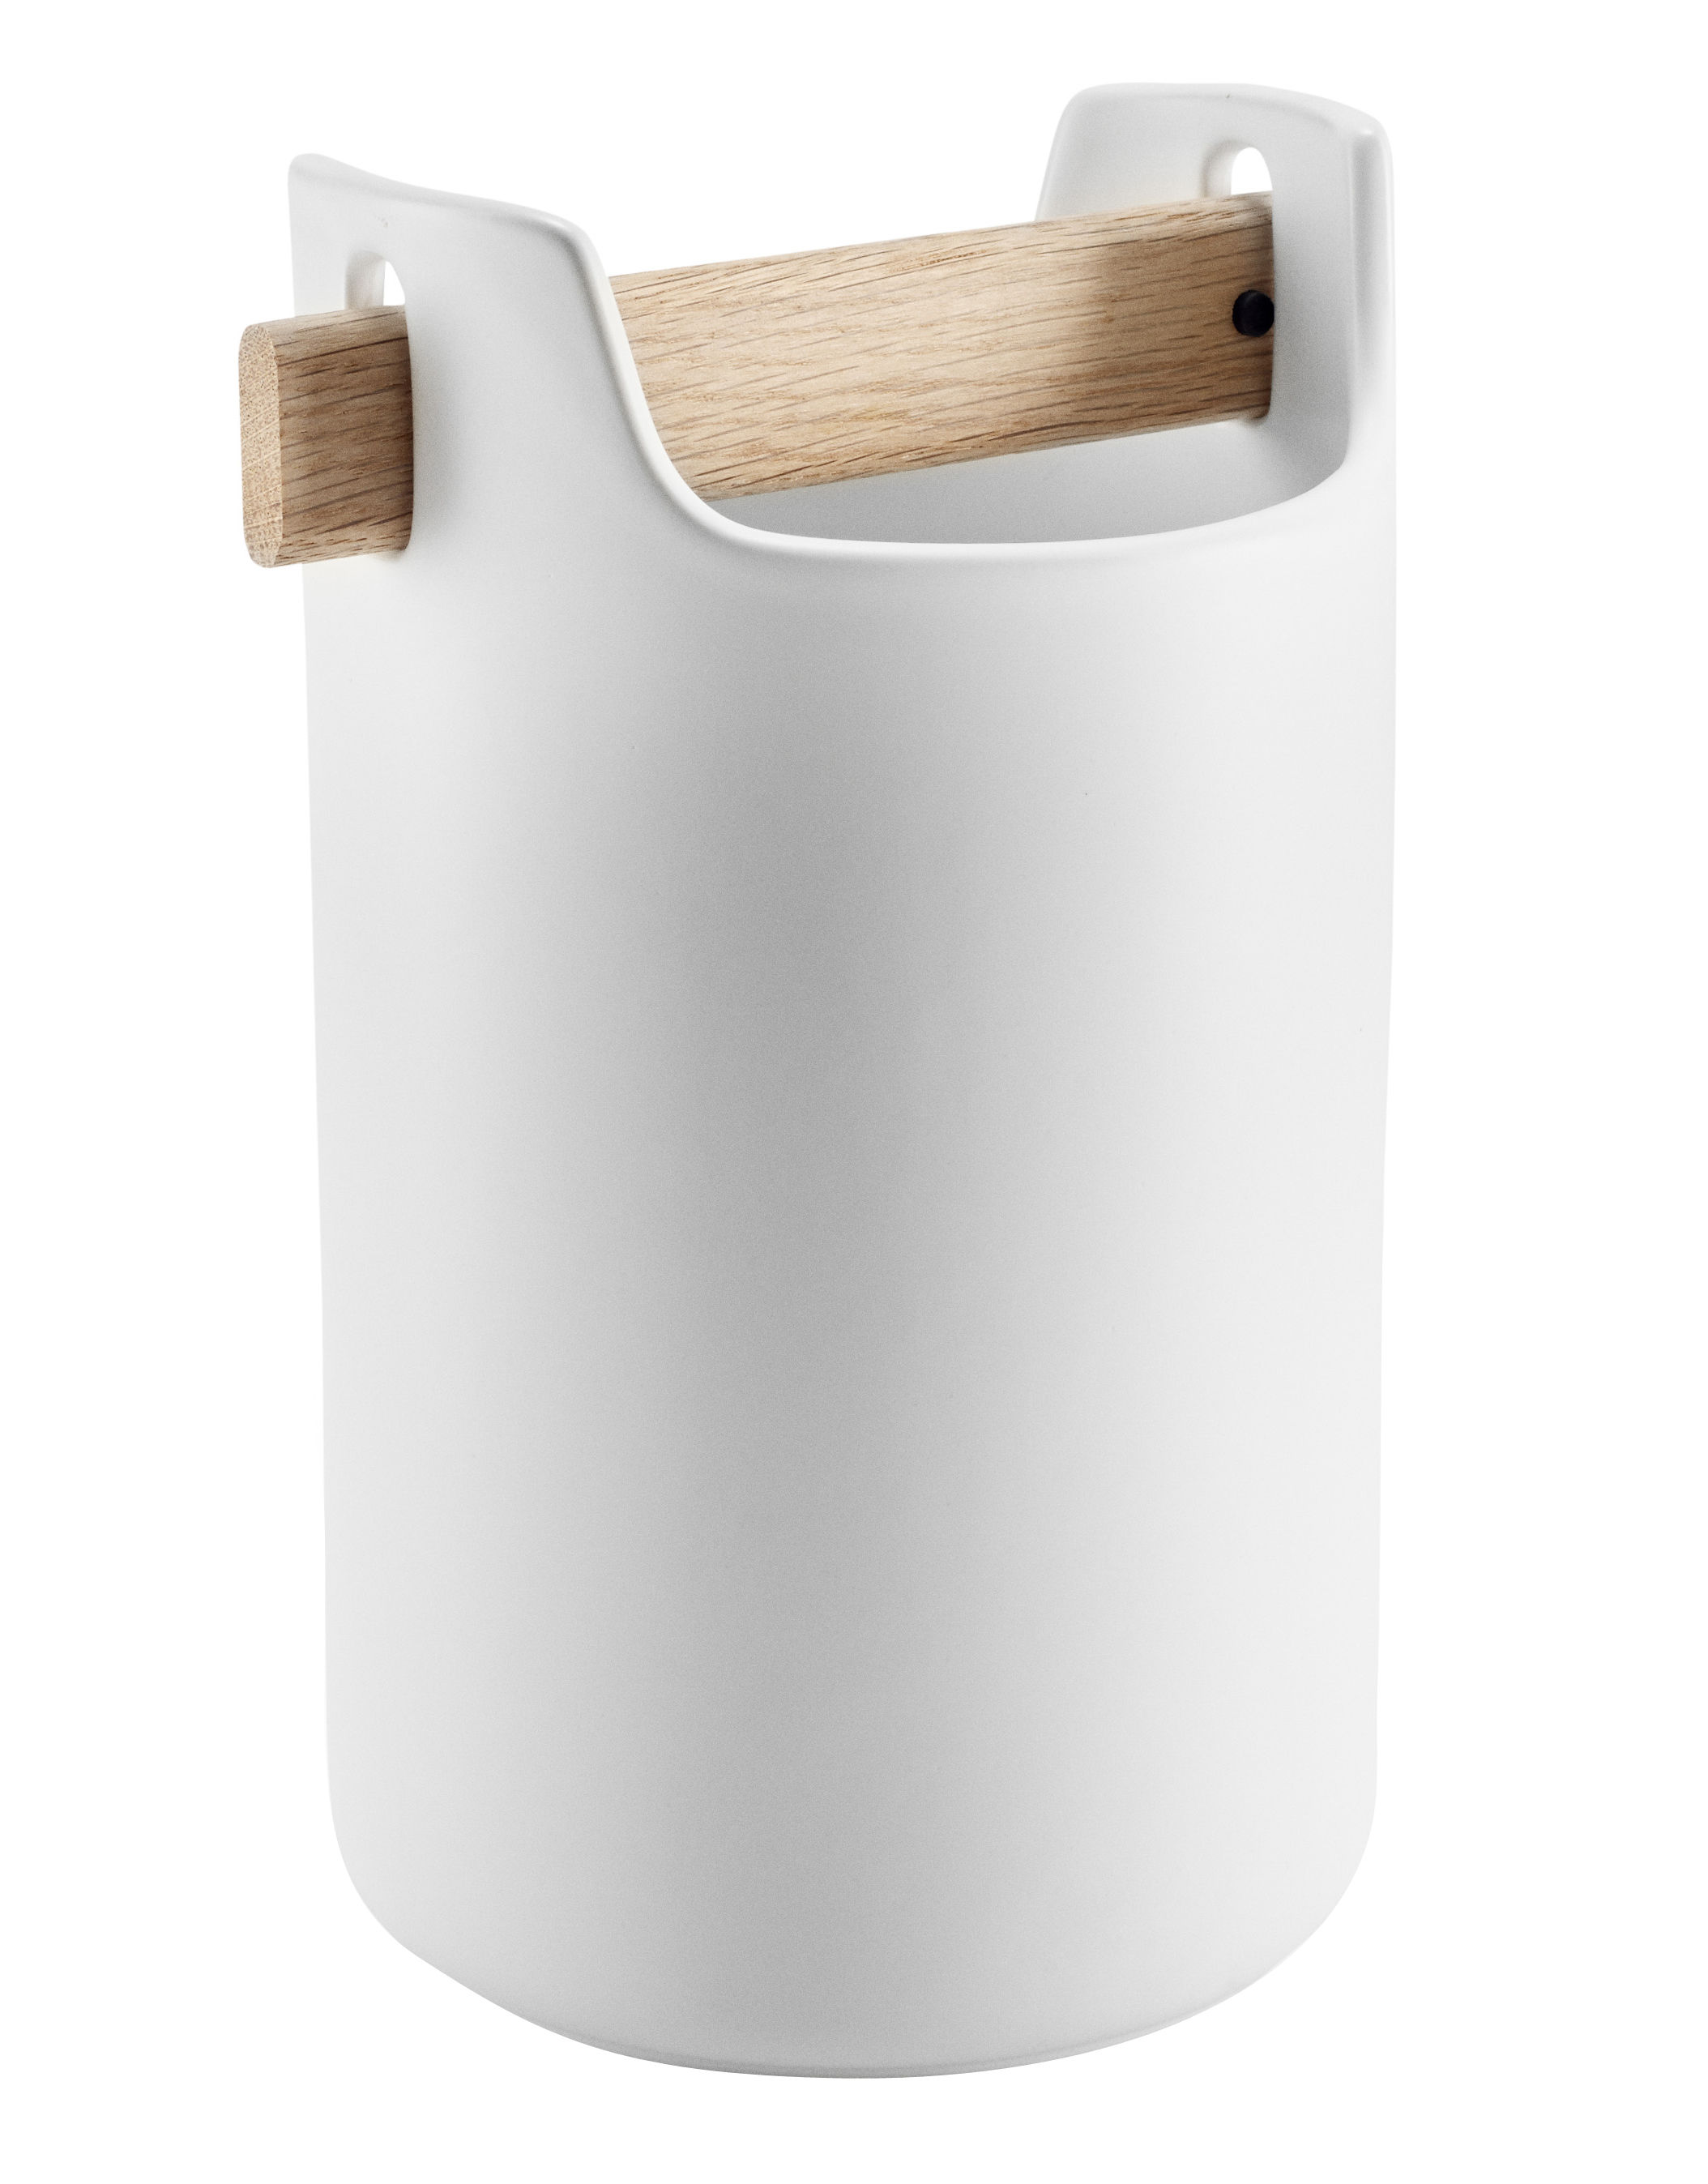 Accessoires - Accessoires bureau - Pot / Ø 18 x H 20 cm - Céramique & chêne - Eva Solo - Blanc / Chêne - Céramique, Chêne